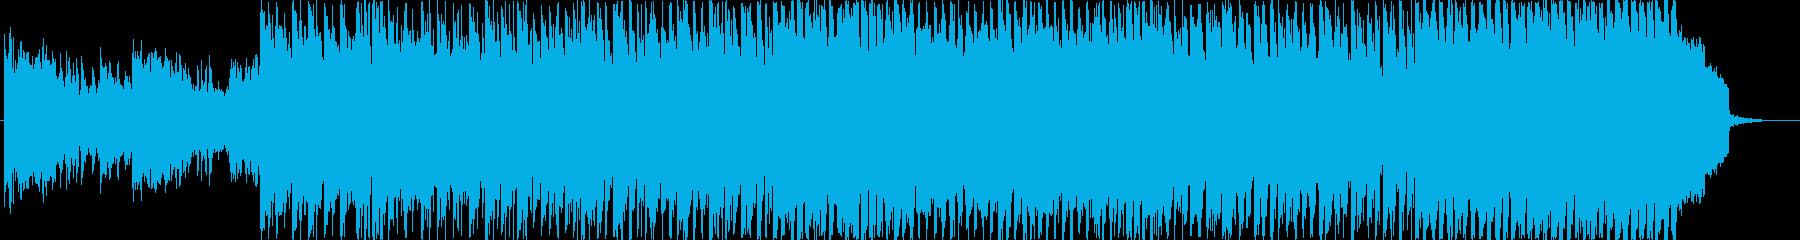 和風ゲーム戦闘シーンの音楽の再生済みの波形